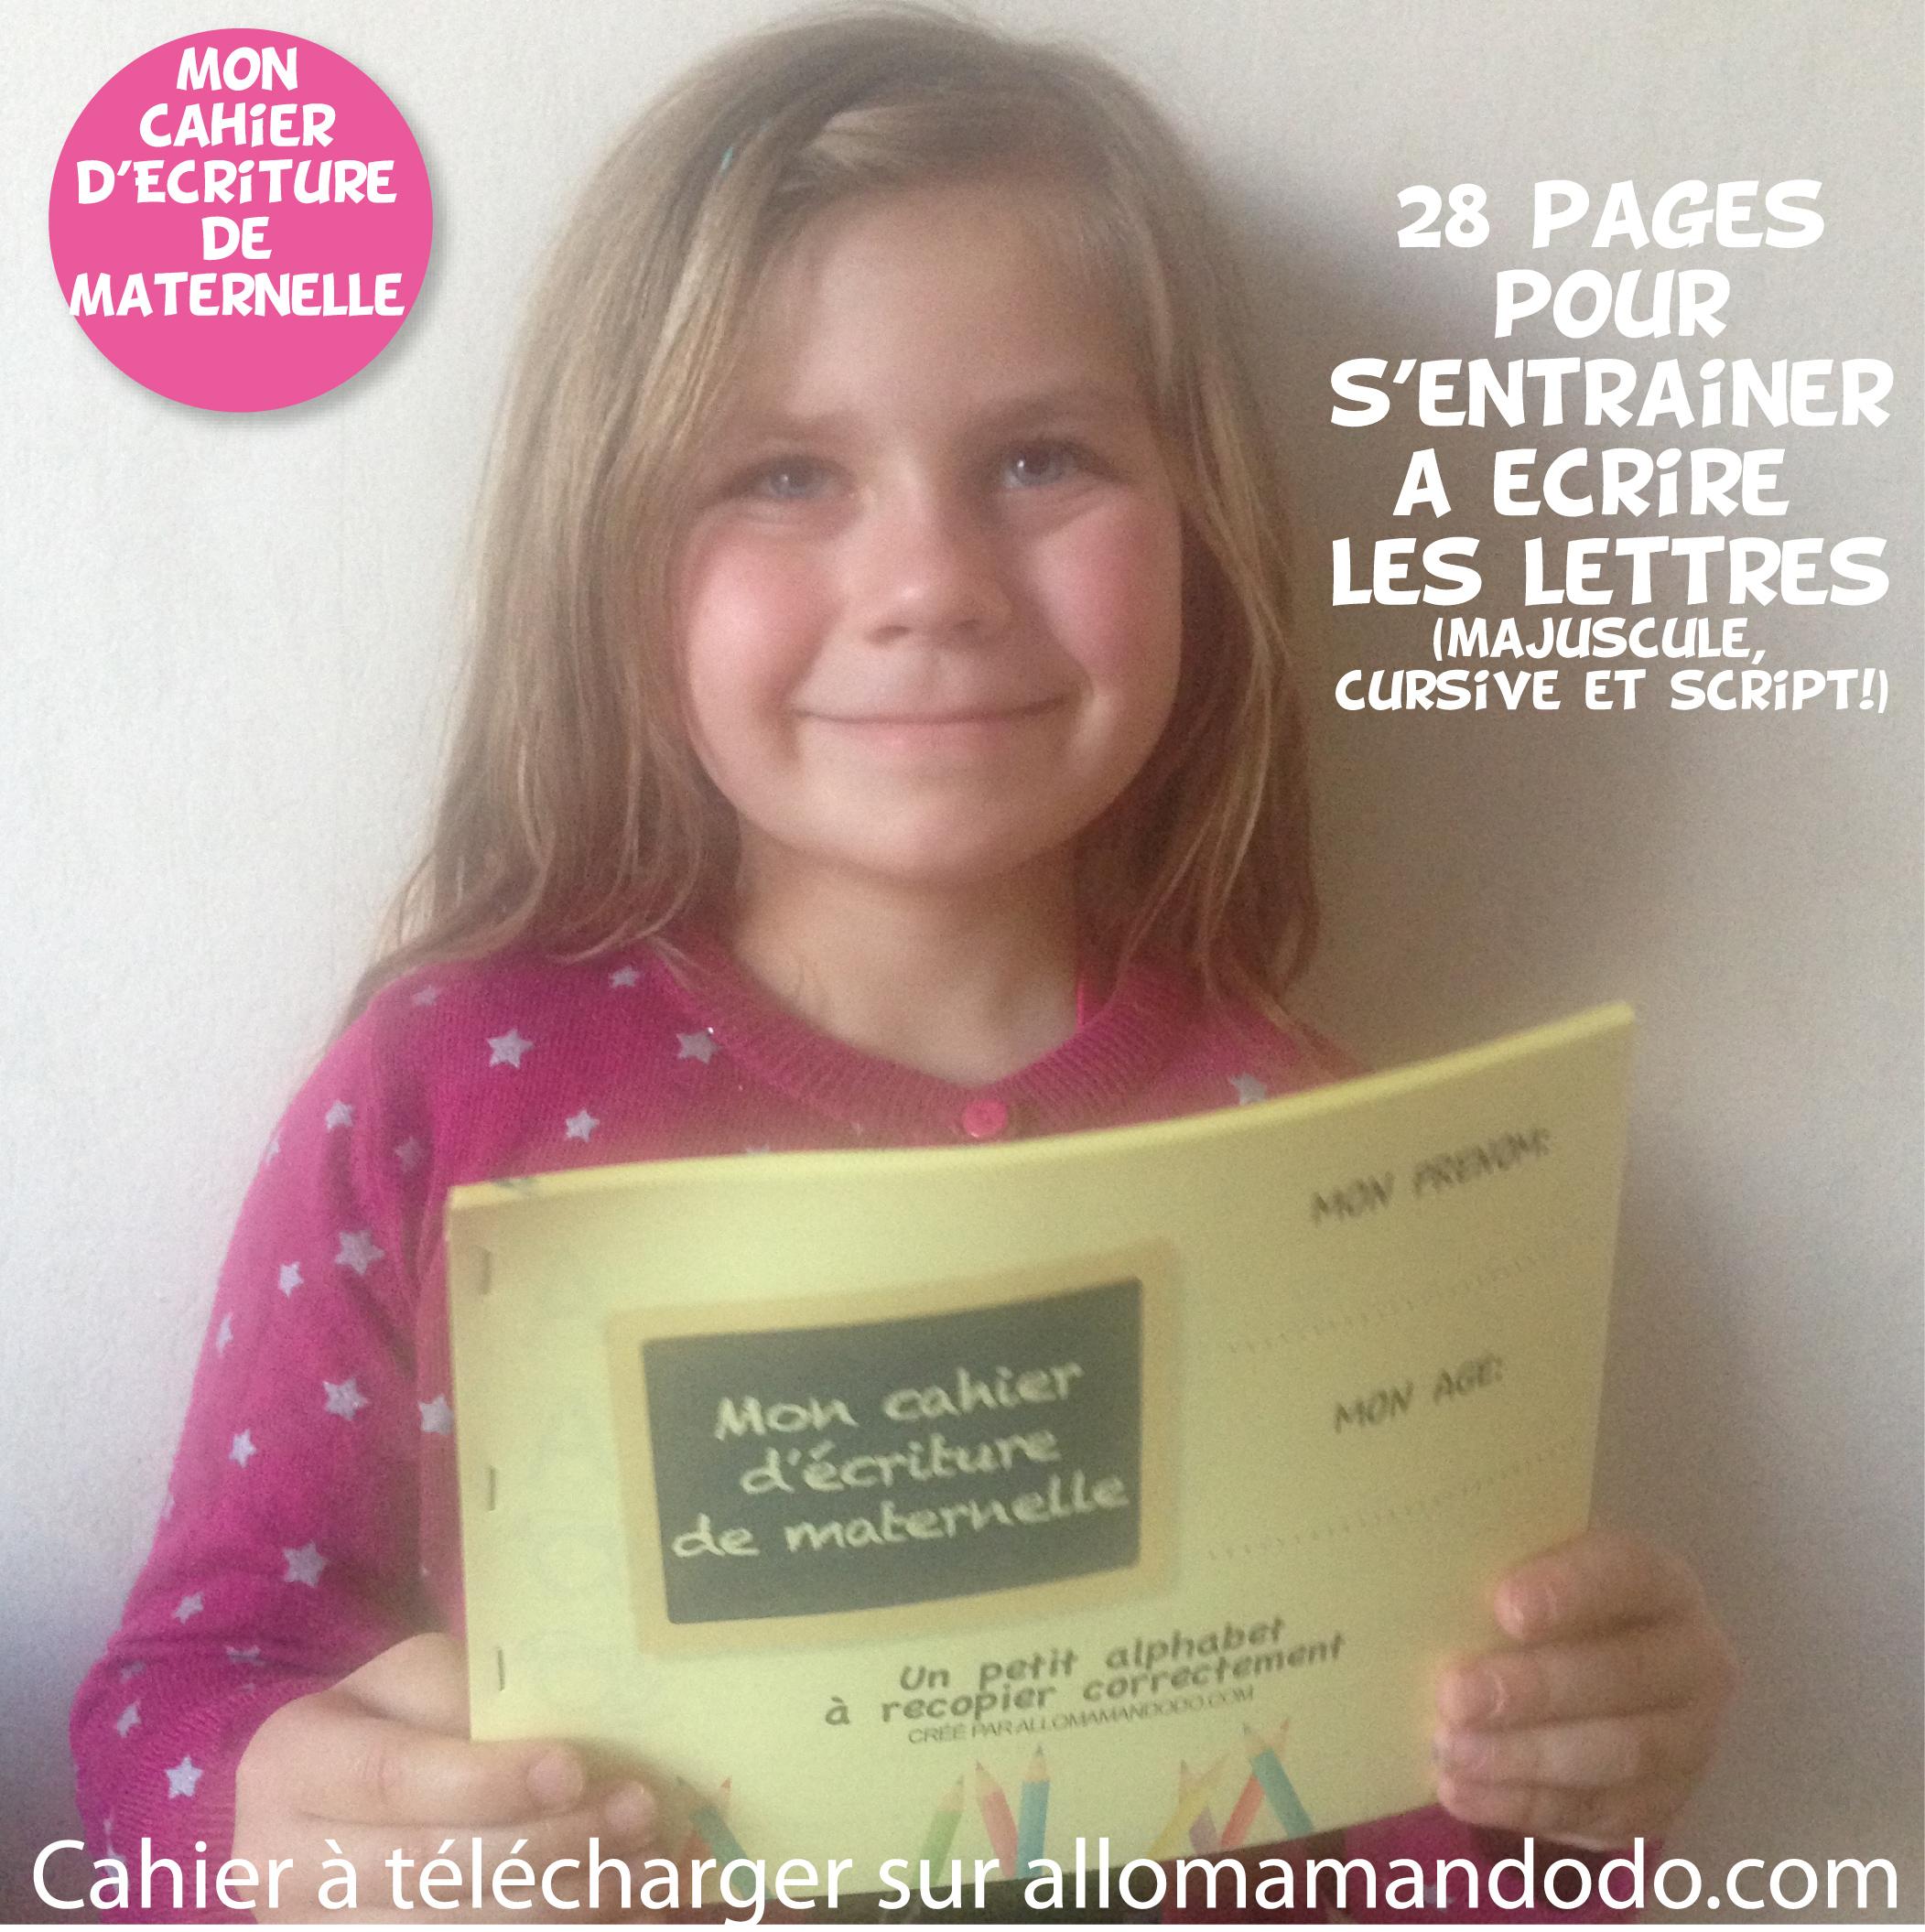 Le Cahier D'écriture De Maternelle À Télécharger ( Gratuit pour Apprendre À Écrire Les Lettres Maternelle